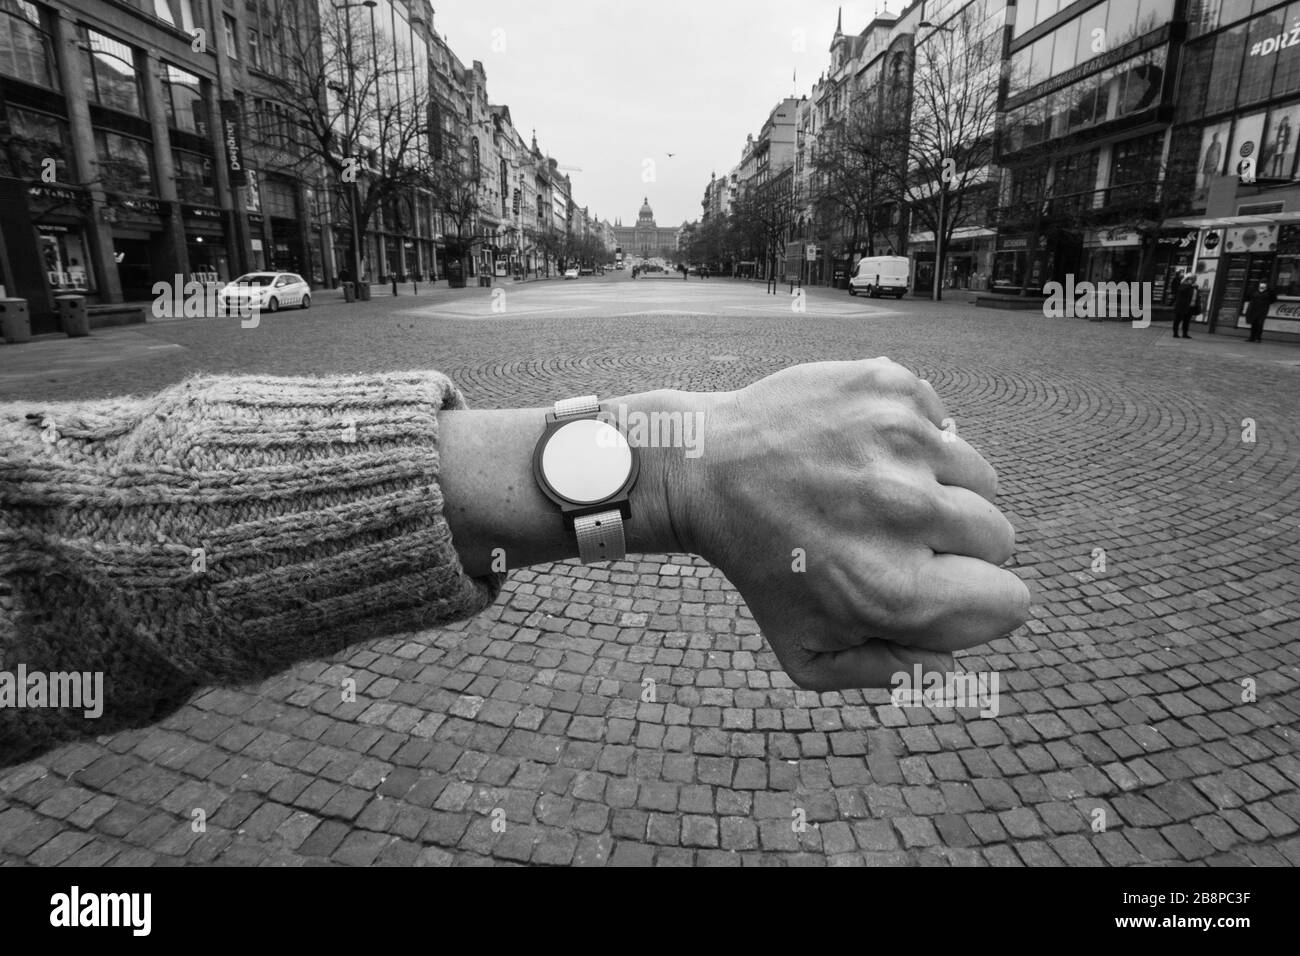 Casi desolada Plaza Wenceslas (Václavské náměstí) en Praga, República Checa, fotografiada a las 1.17 horas durante la cuarentena pandémica del coronavirus COVID-19 (bloqueo) el 19 de marzo de 2020. La fotografía es un homenaje a la famosa fotografía del fotógrafo checoslovaco Josef Koudelka, representada en el mismo lugar durante la invasión soviética a Checoslovaquia en agosto de 1968. El reloj sin manos a la izquierda del fotógrafo es en realidad un chip de entrada al Aquacentrum Šutka que es inútil durante la cuarentena porque todas las piscinas también están cerradas indefinidamente debido al brote del virus de la corona. Foto de stock